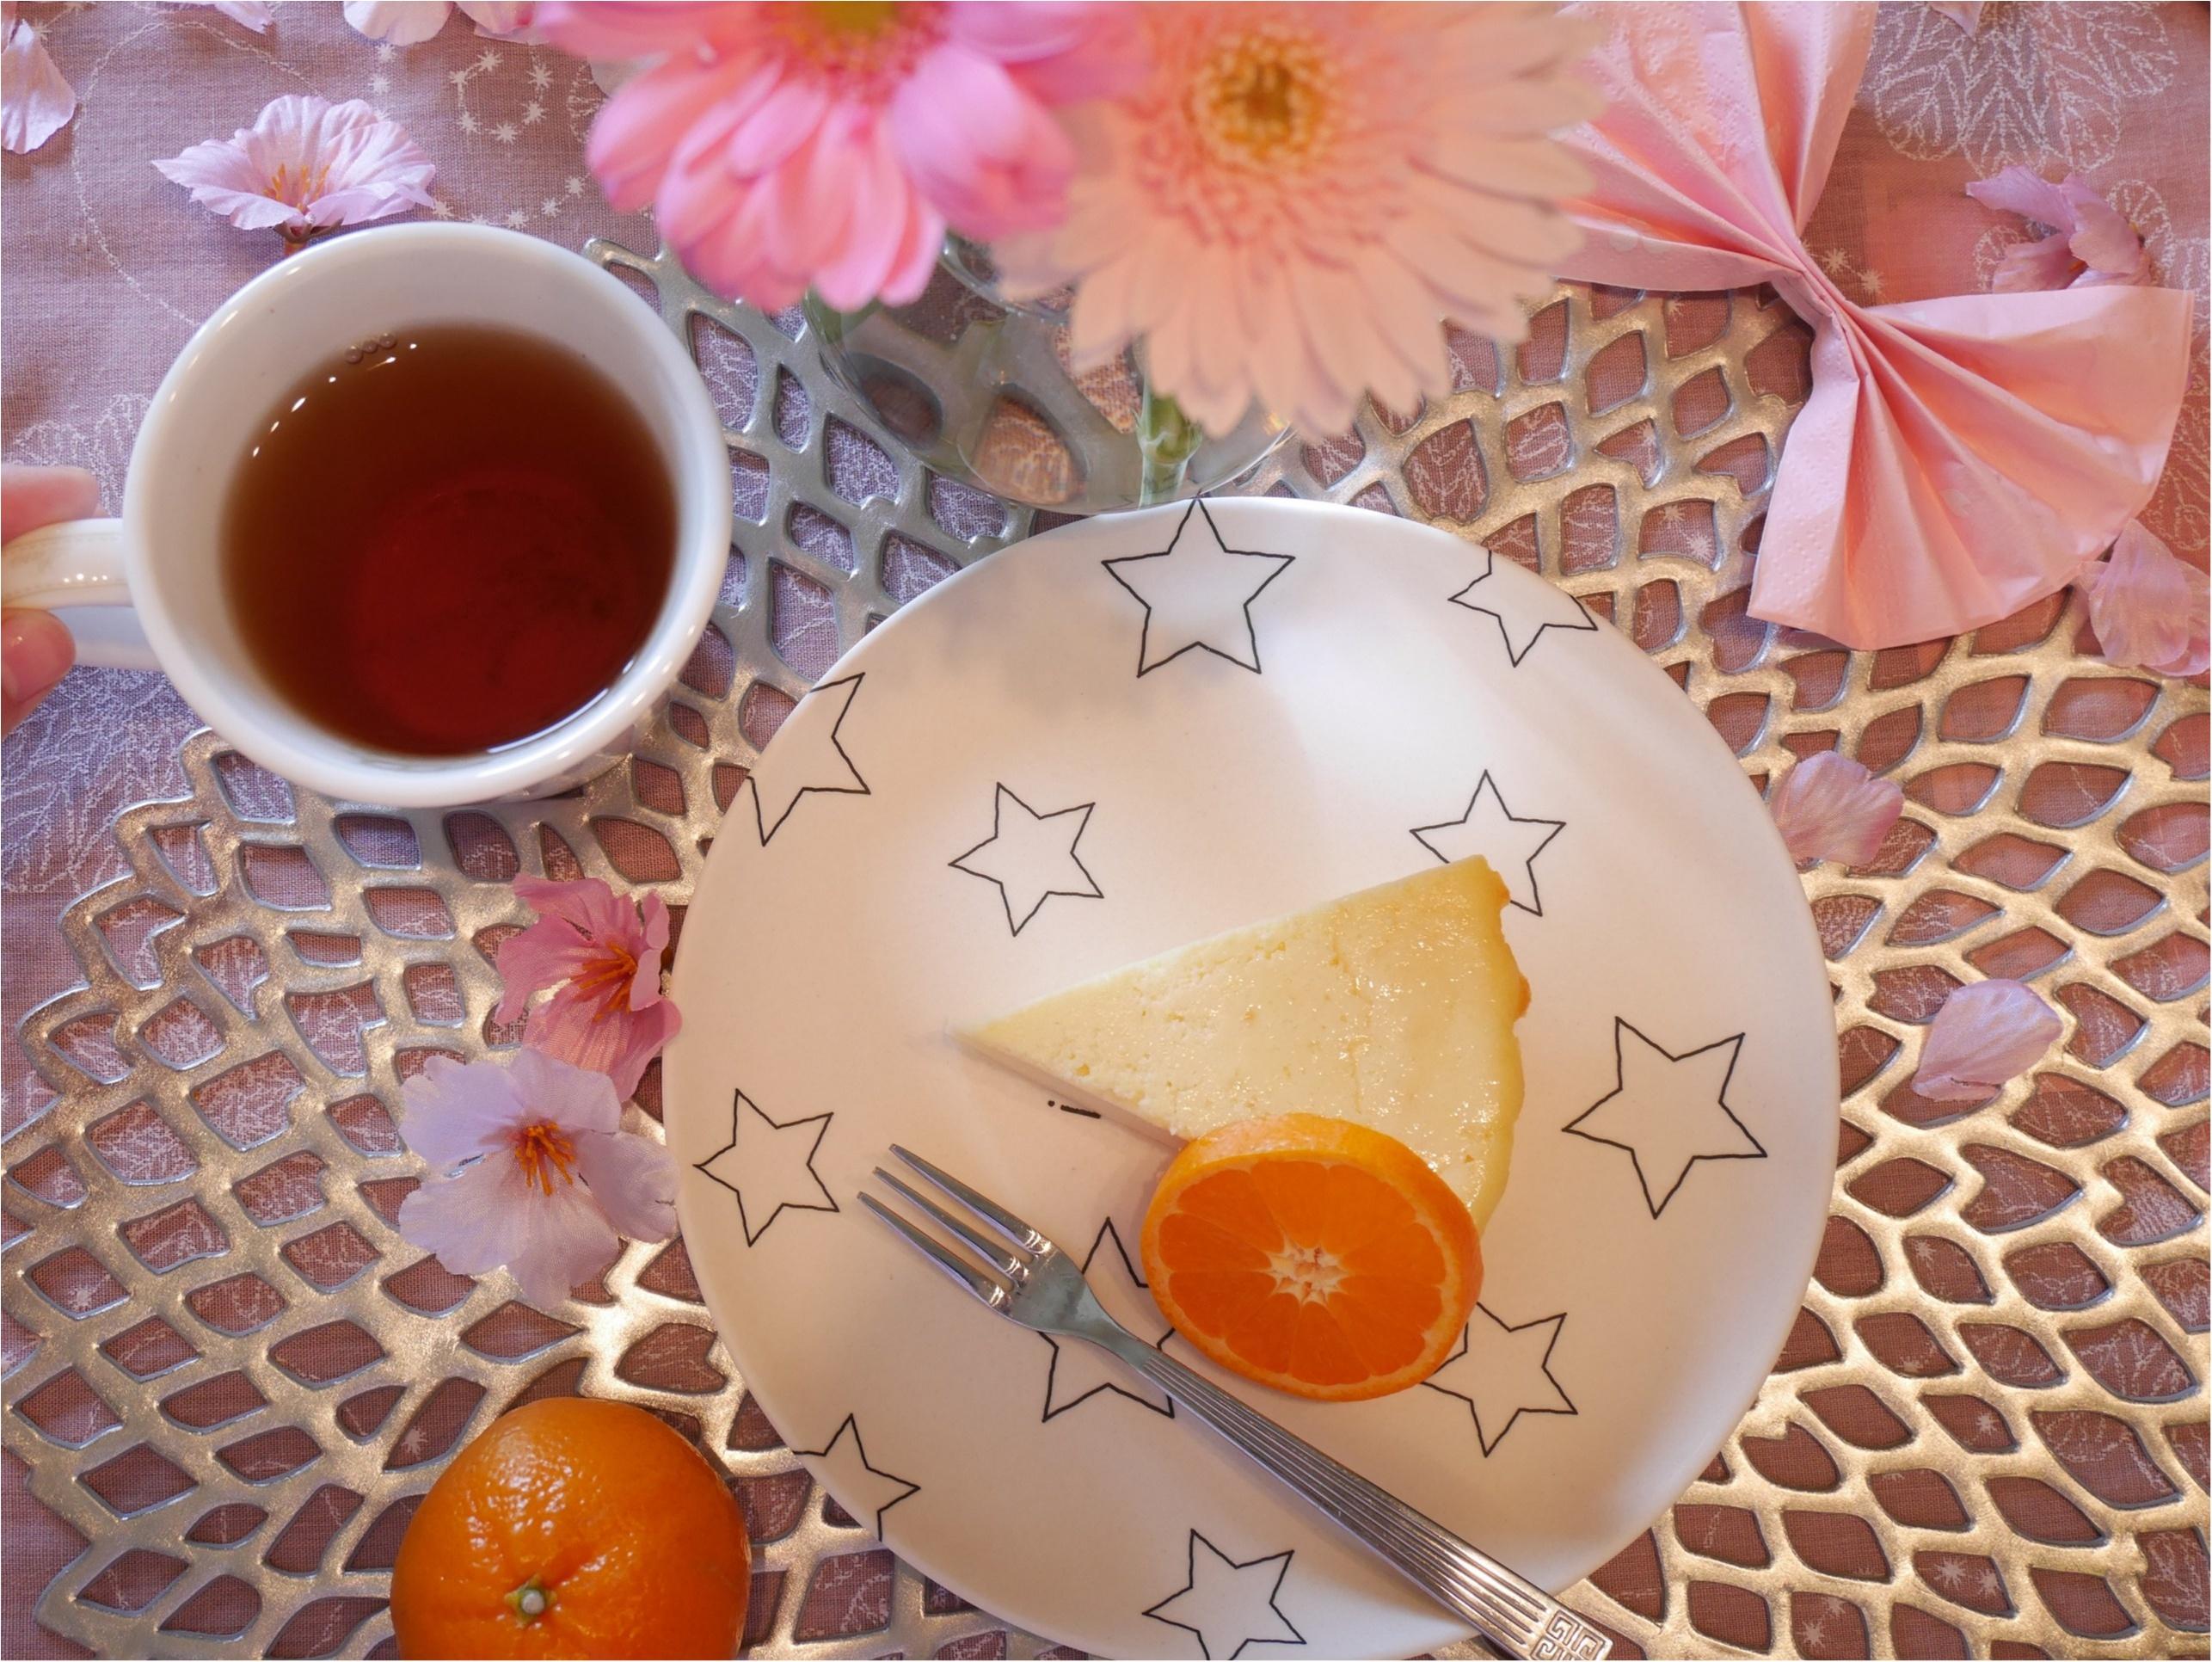 春はスグそこ!「ピンクで華やかにテーブルコーディネートして、手づくりご飯をお家で・・」_5